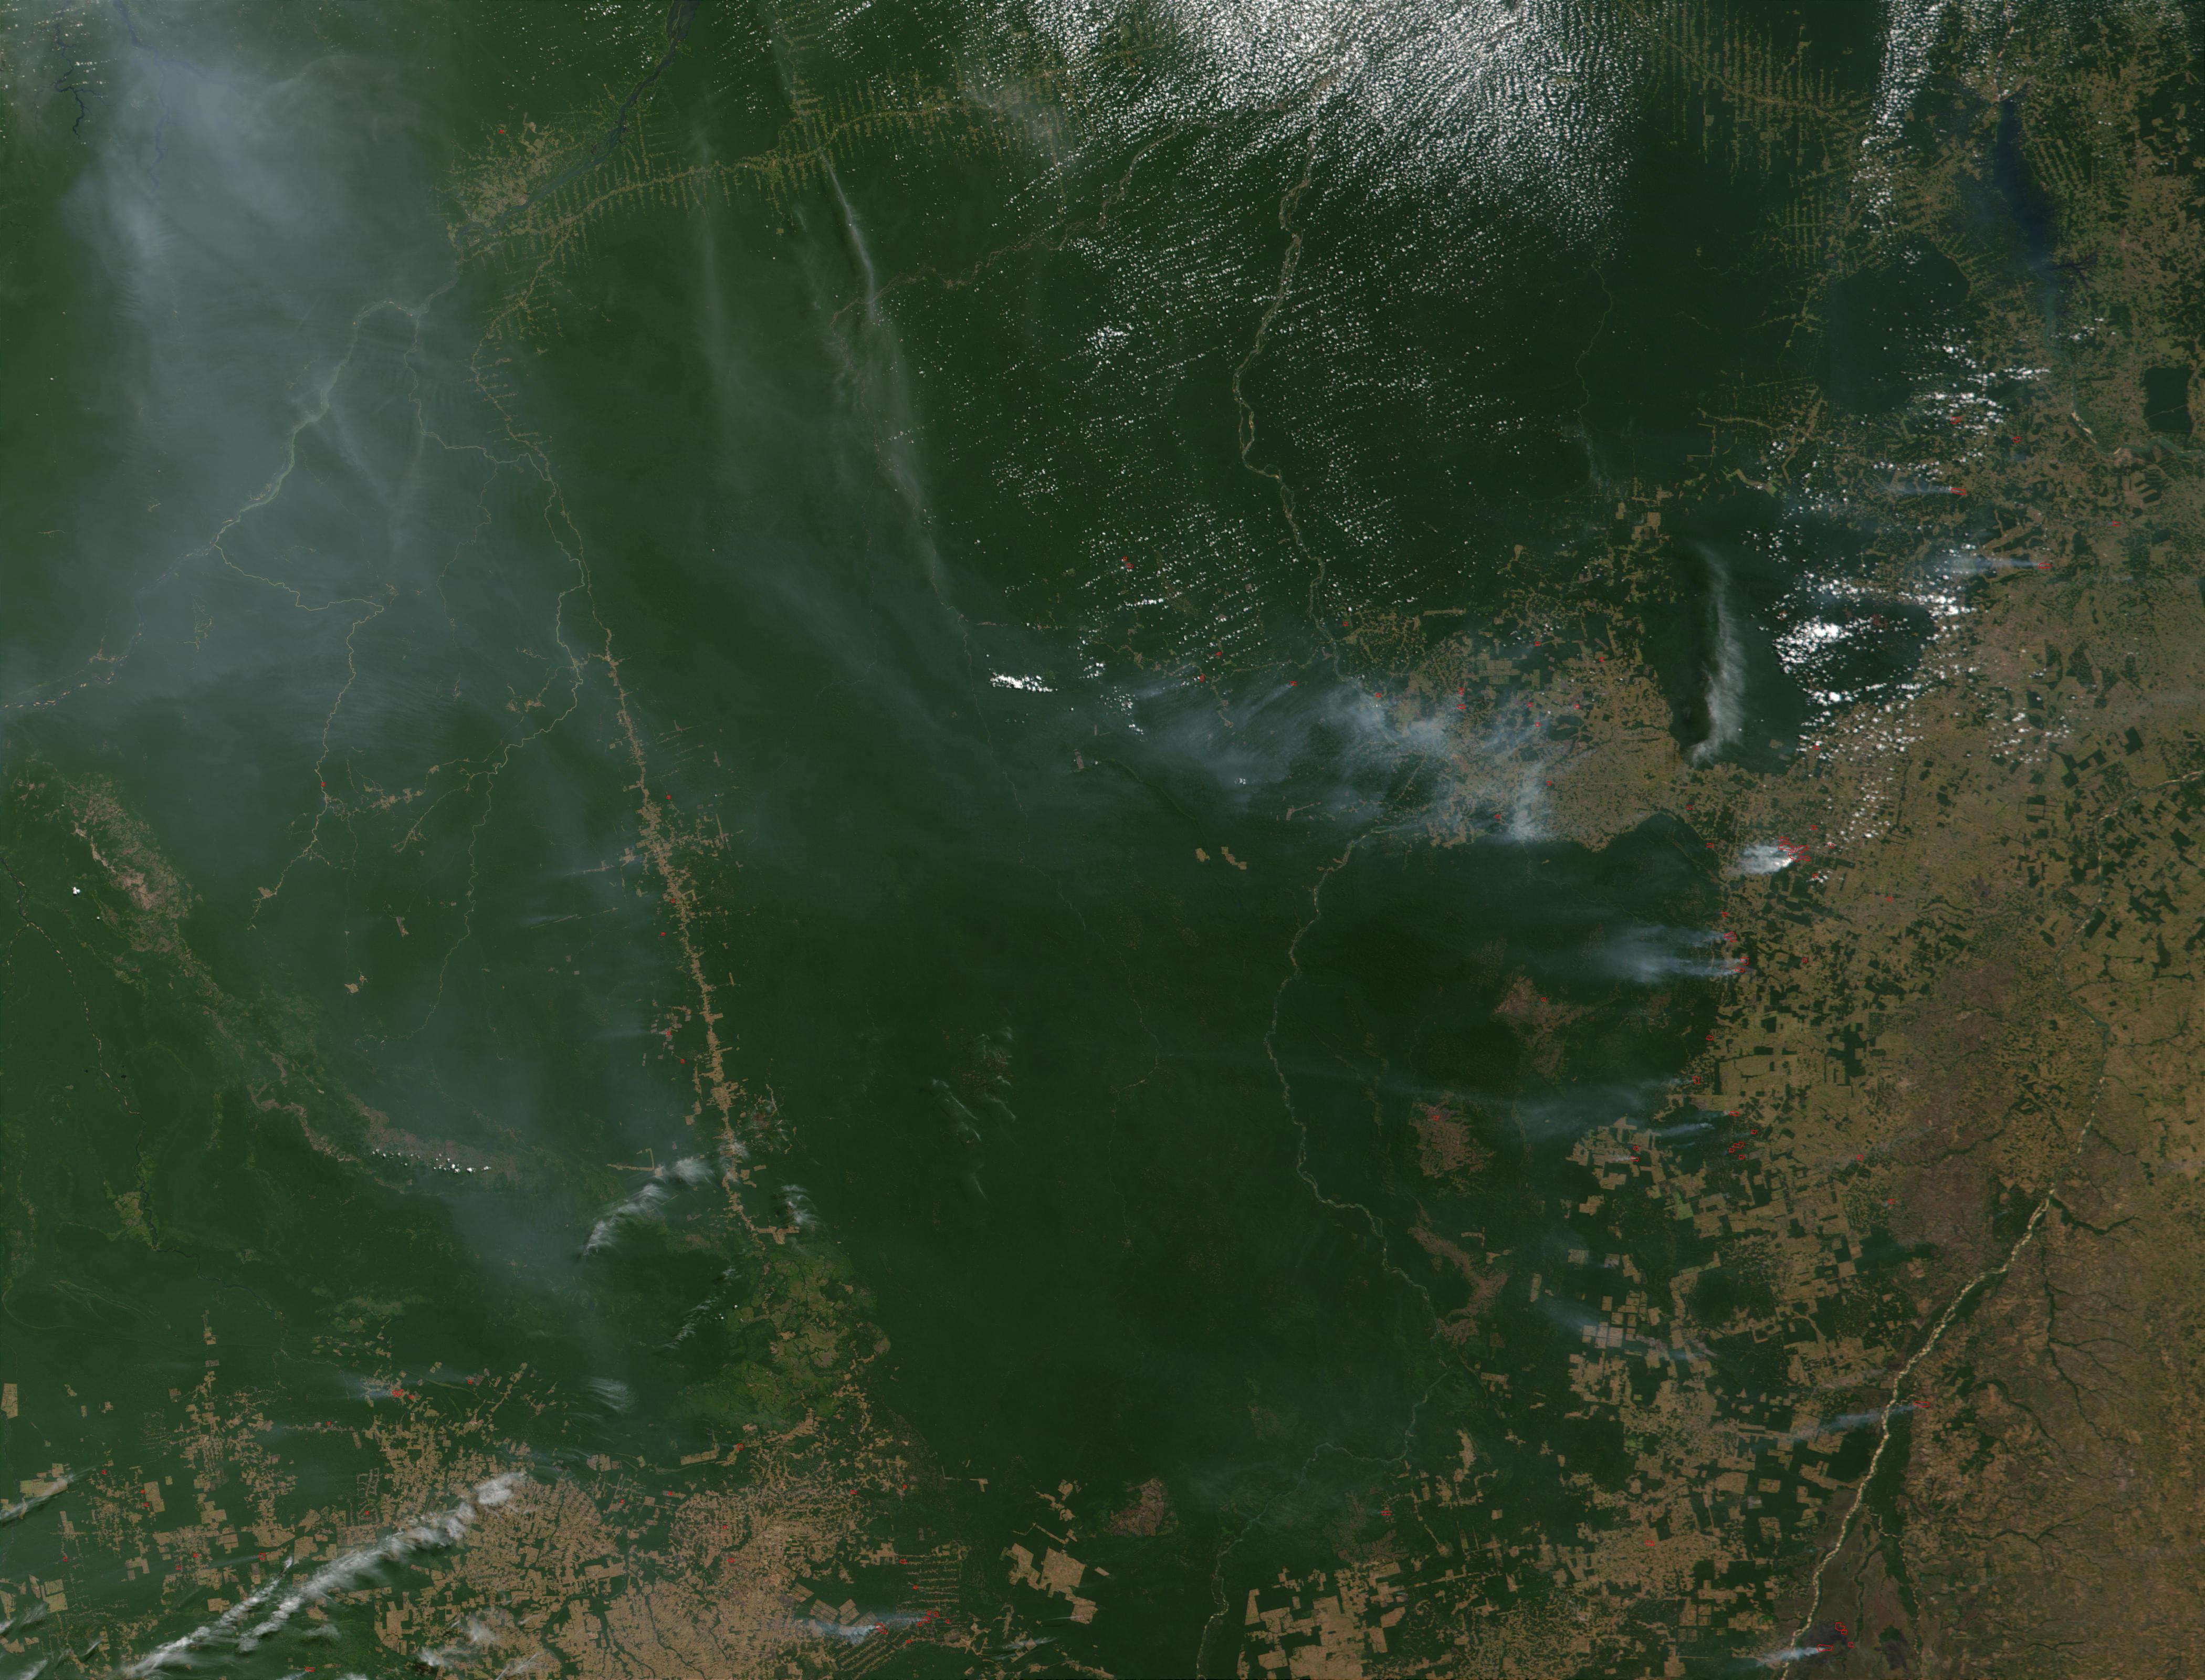 Incendios y deforestación en el estado de Pará, Brasil